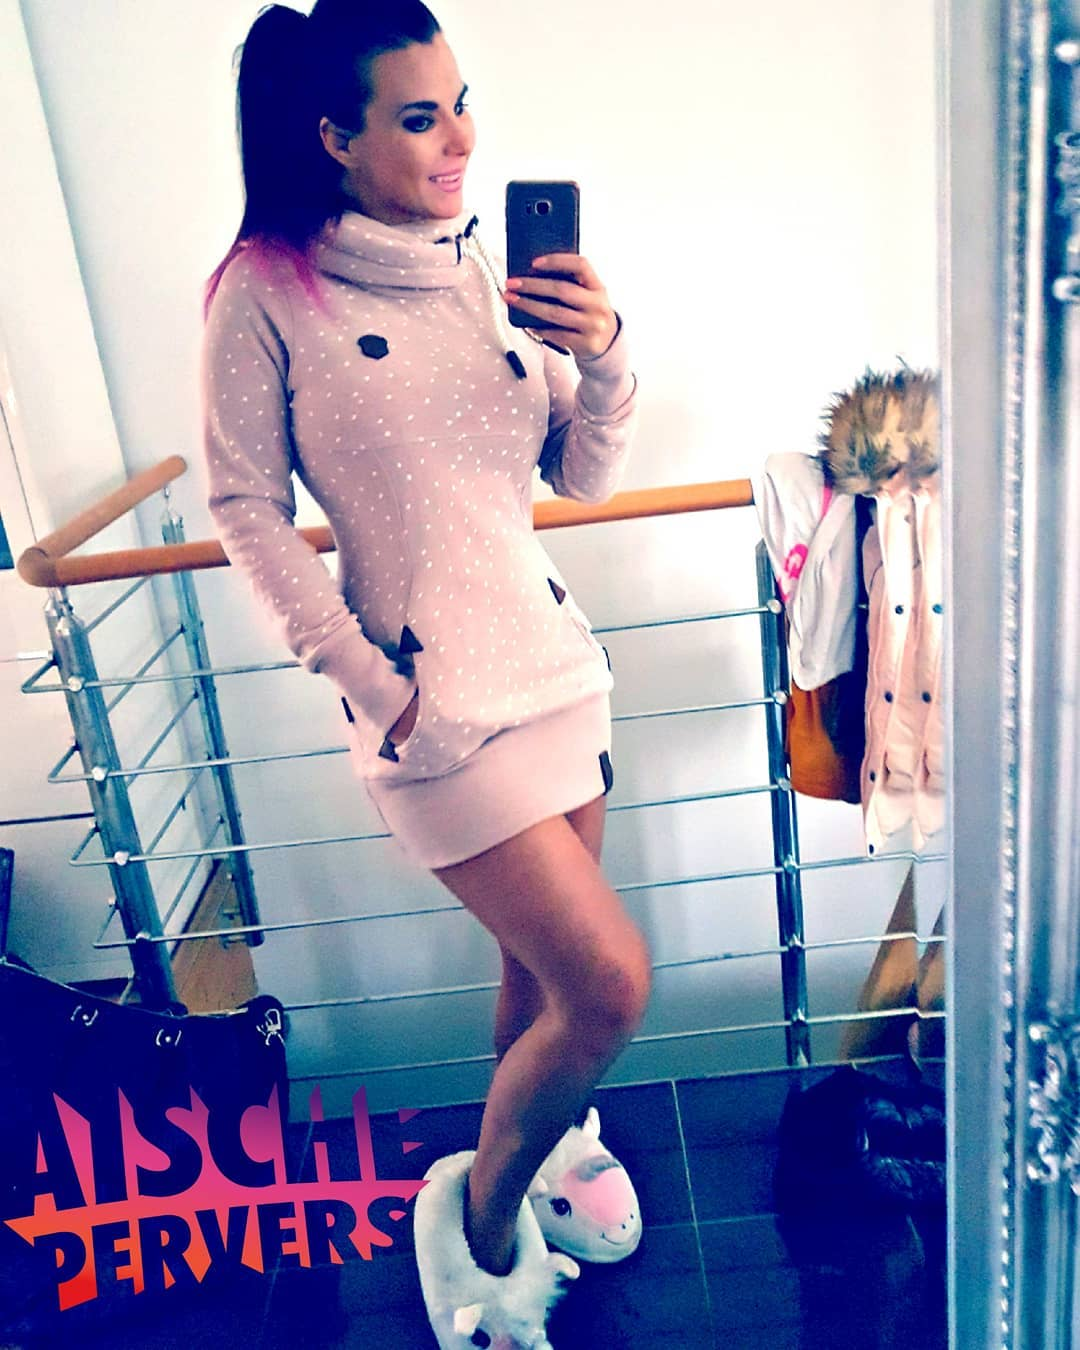 Mein Einhorn 🦄 und ich wünschen Euch nen schönen Sonntag. Mich findet ihr heute vor der Cam. Knutscha 😘😘😘 PS Neues YouTube Video online  #unicorn #model #einhorn #sunday #best #gift #ever #ilovemyunicorn #fitness #selfie #ponytail #ombrehair #germangirl #curvy